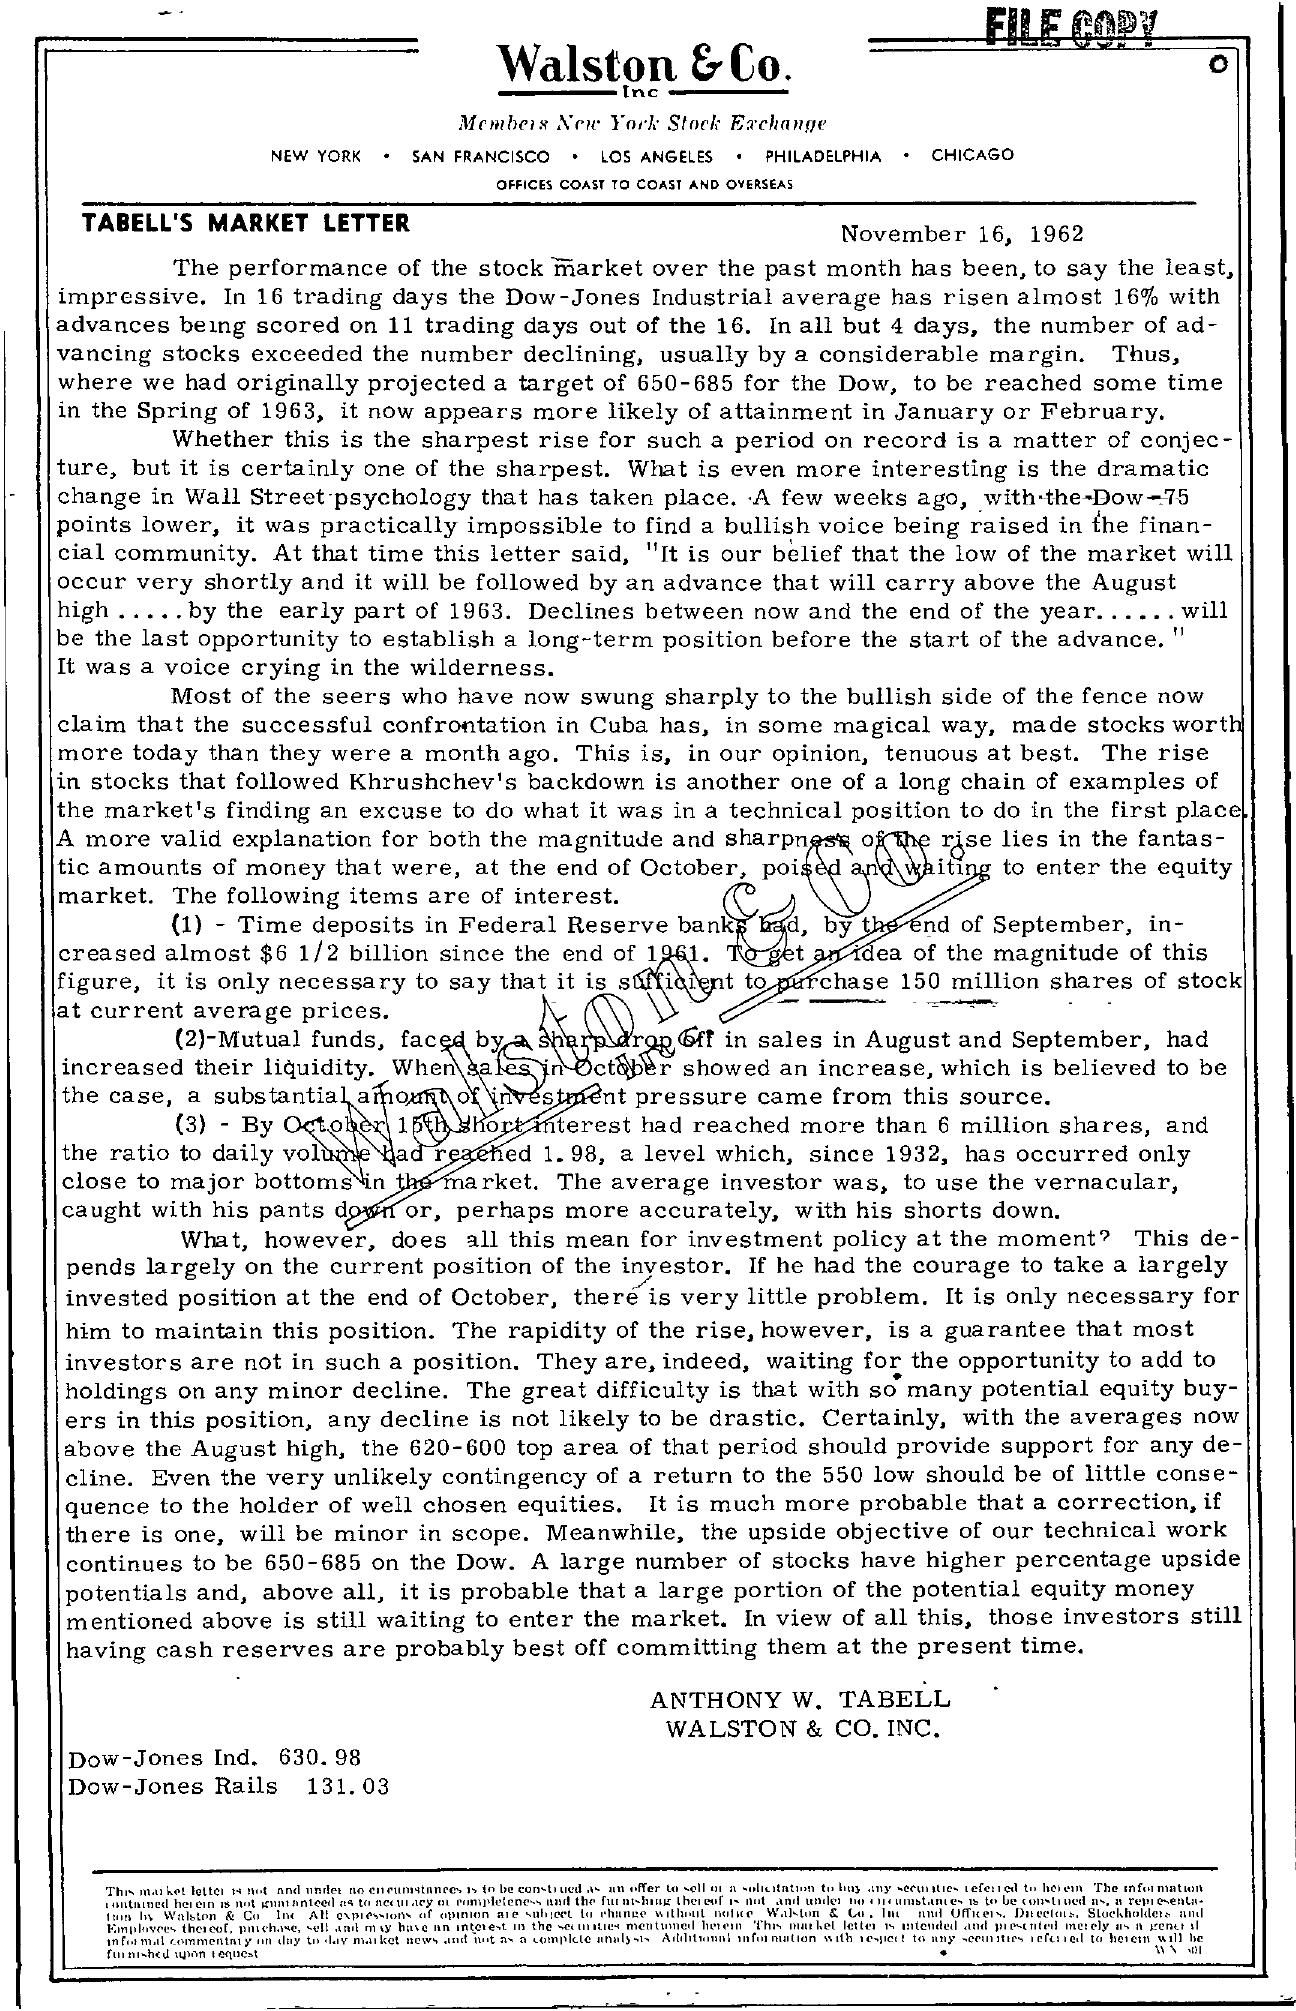 Tabell's Market Letter - November 16, 1962